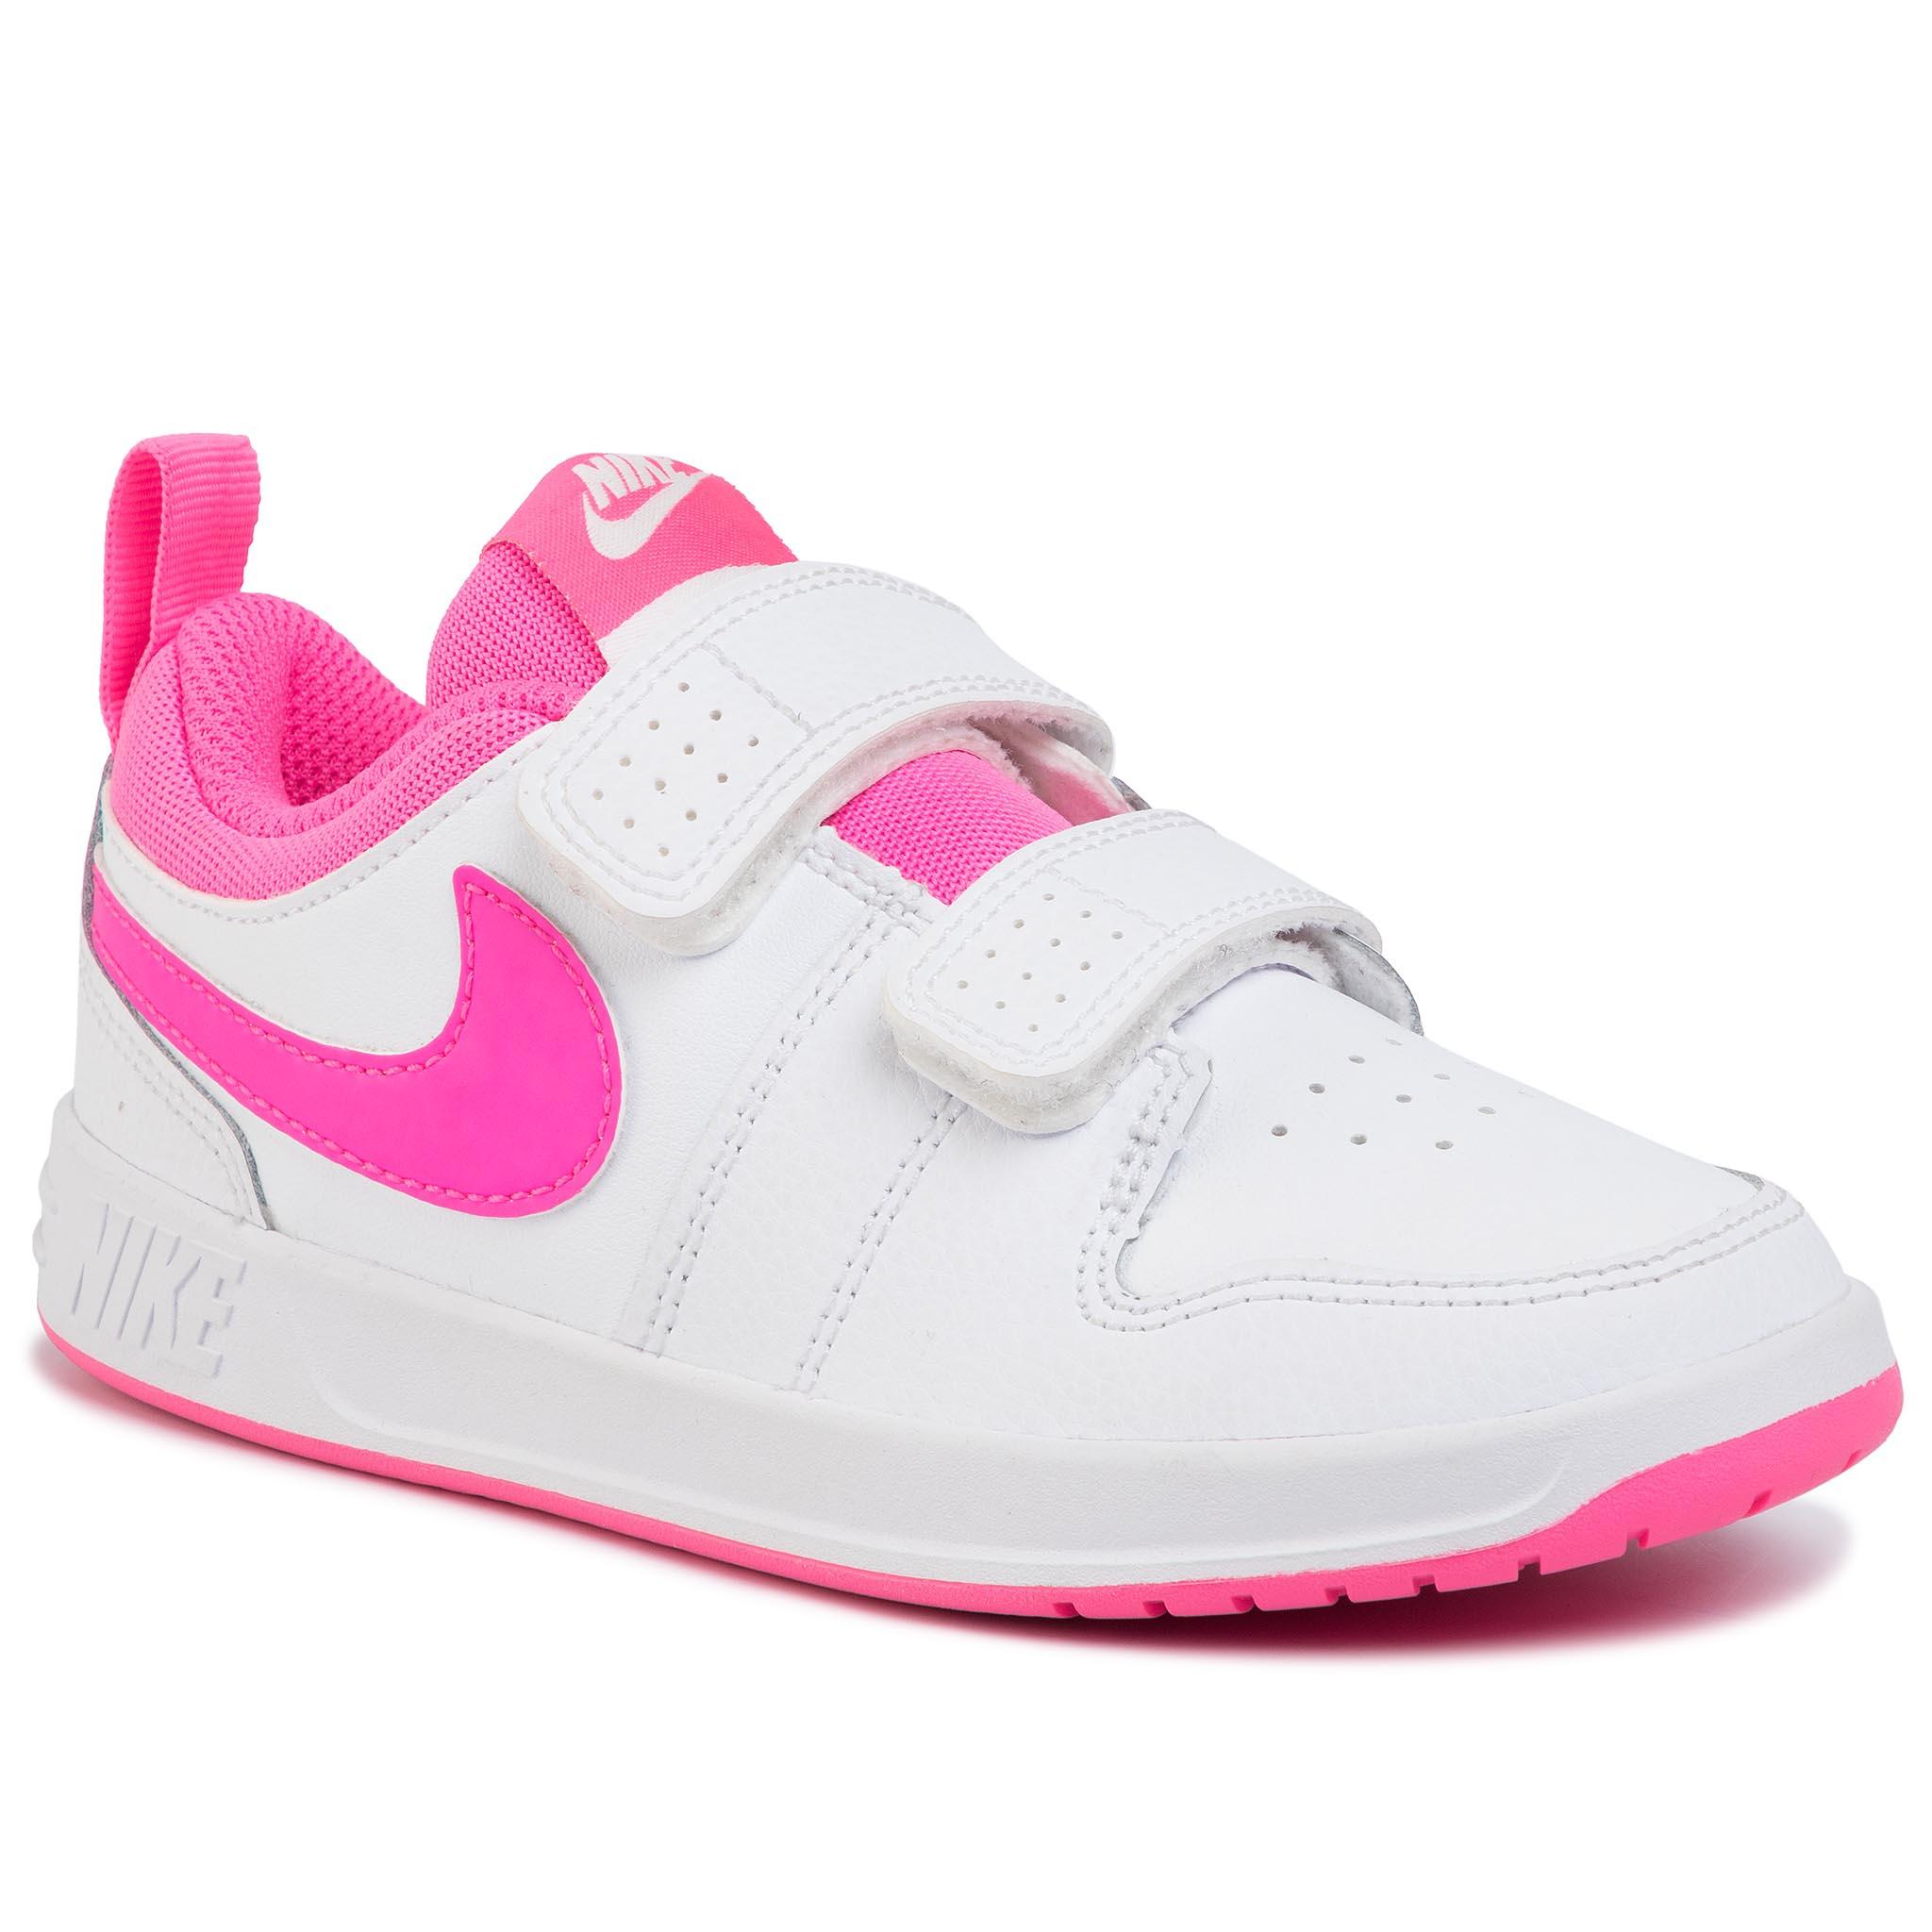 Cipők NIKE Pico 4 454477 103 White Prism Pink